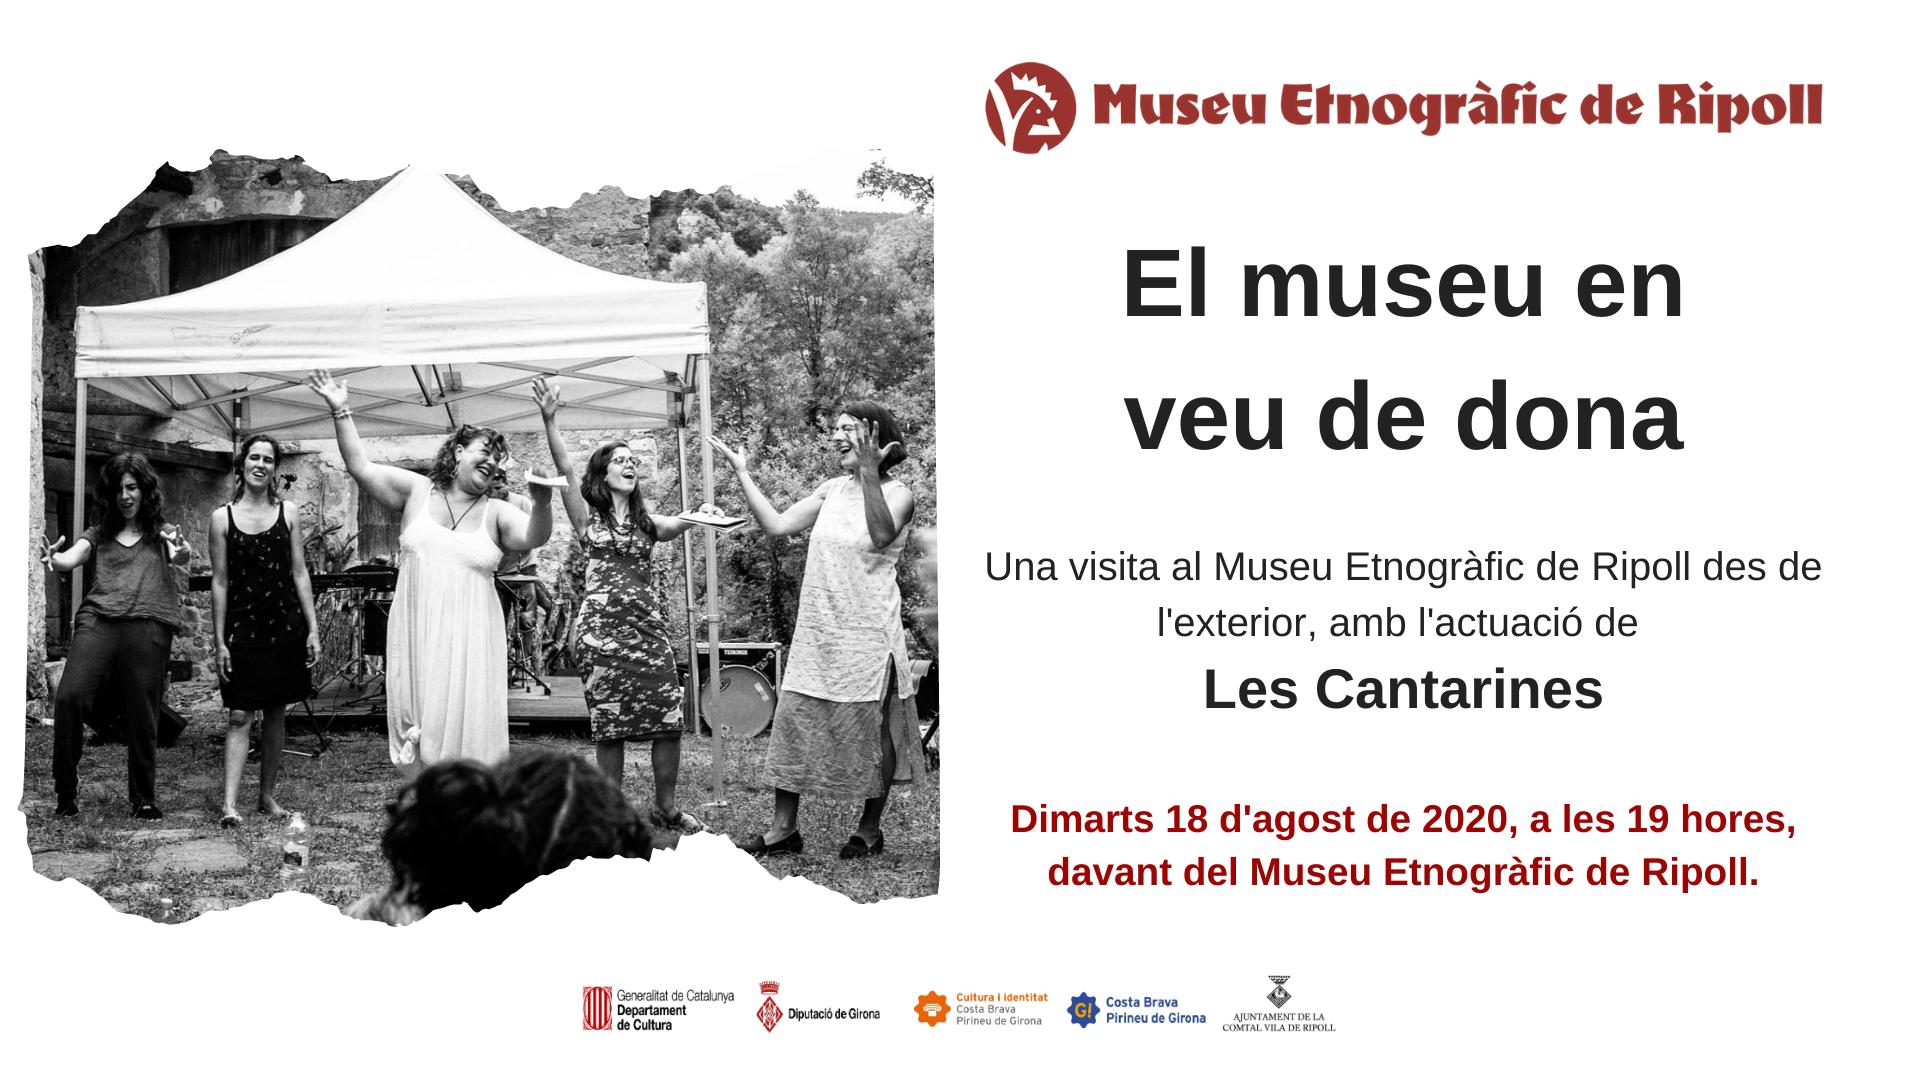 El museu en veu de dona